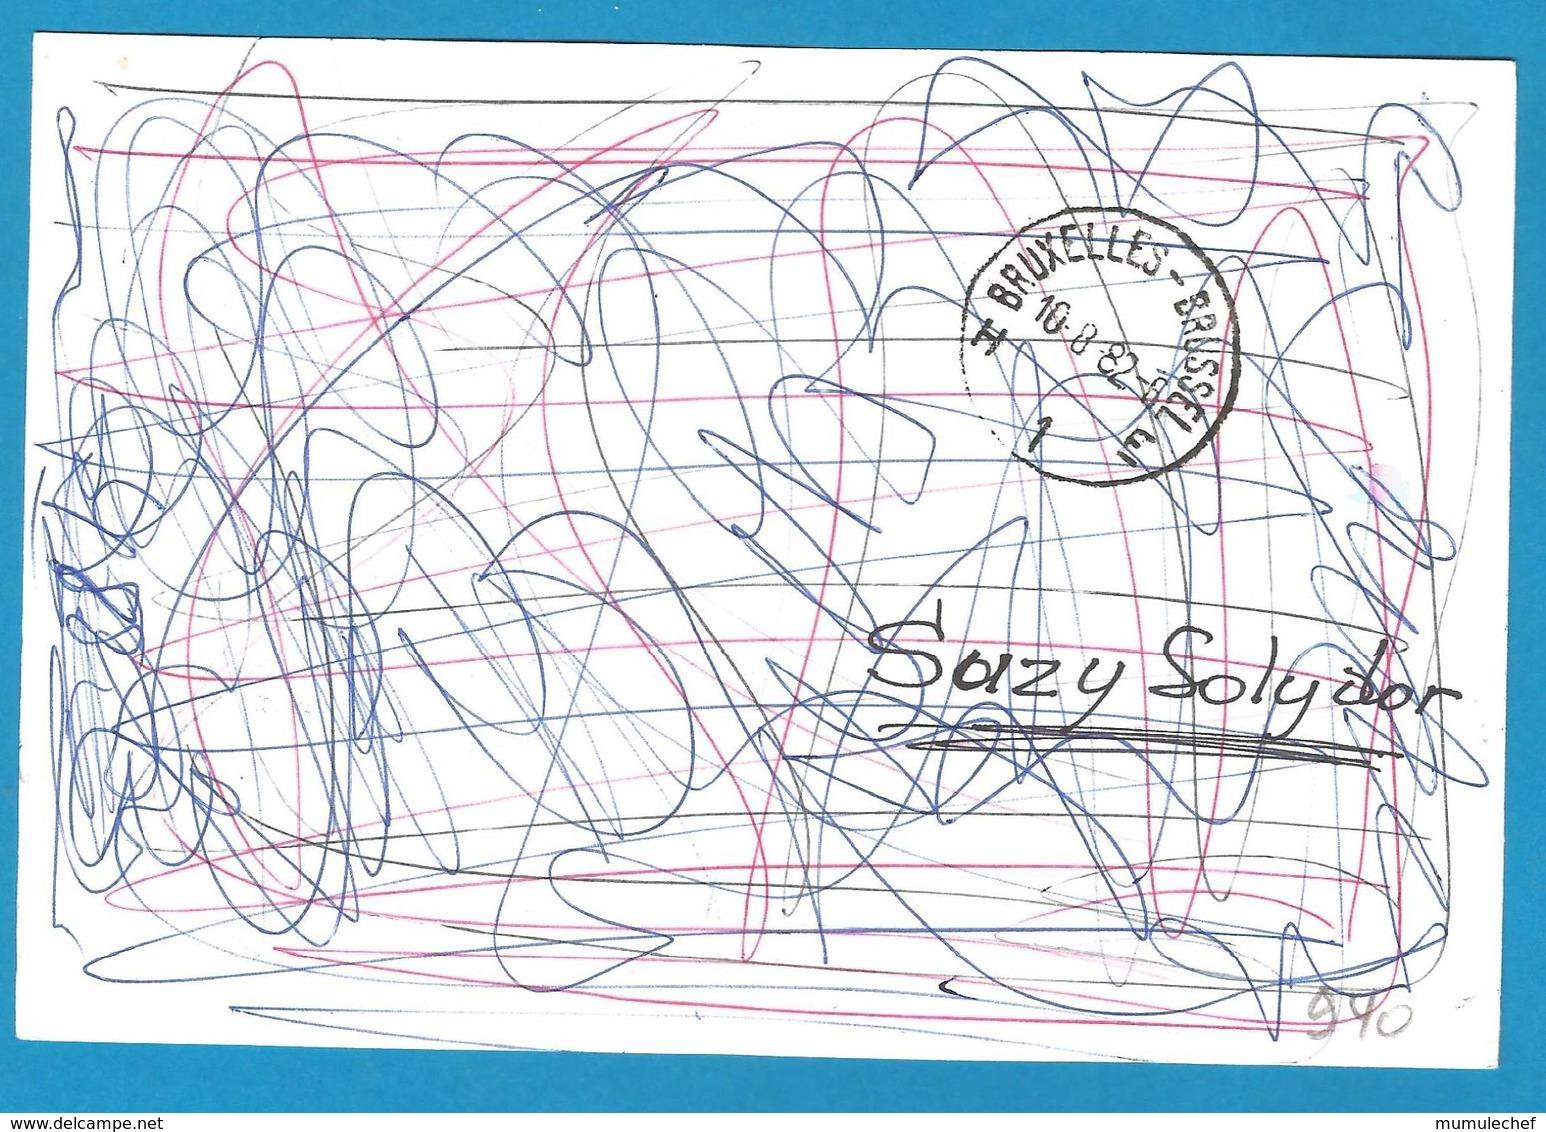 (A940) - Signature / Dédicace / Autographe Original - Susy SOLIDOR - Chanteuse - Autographes